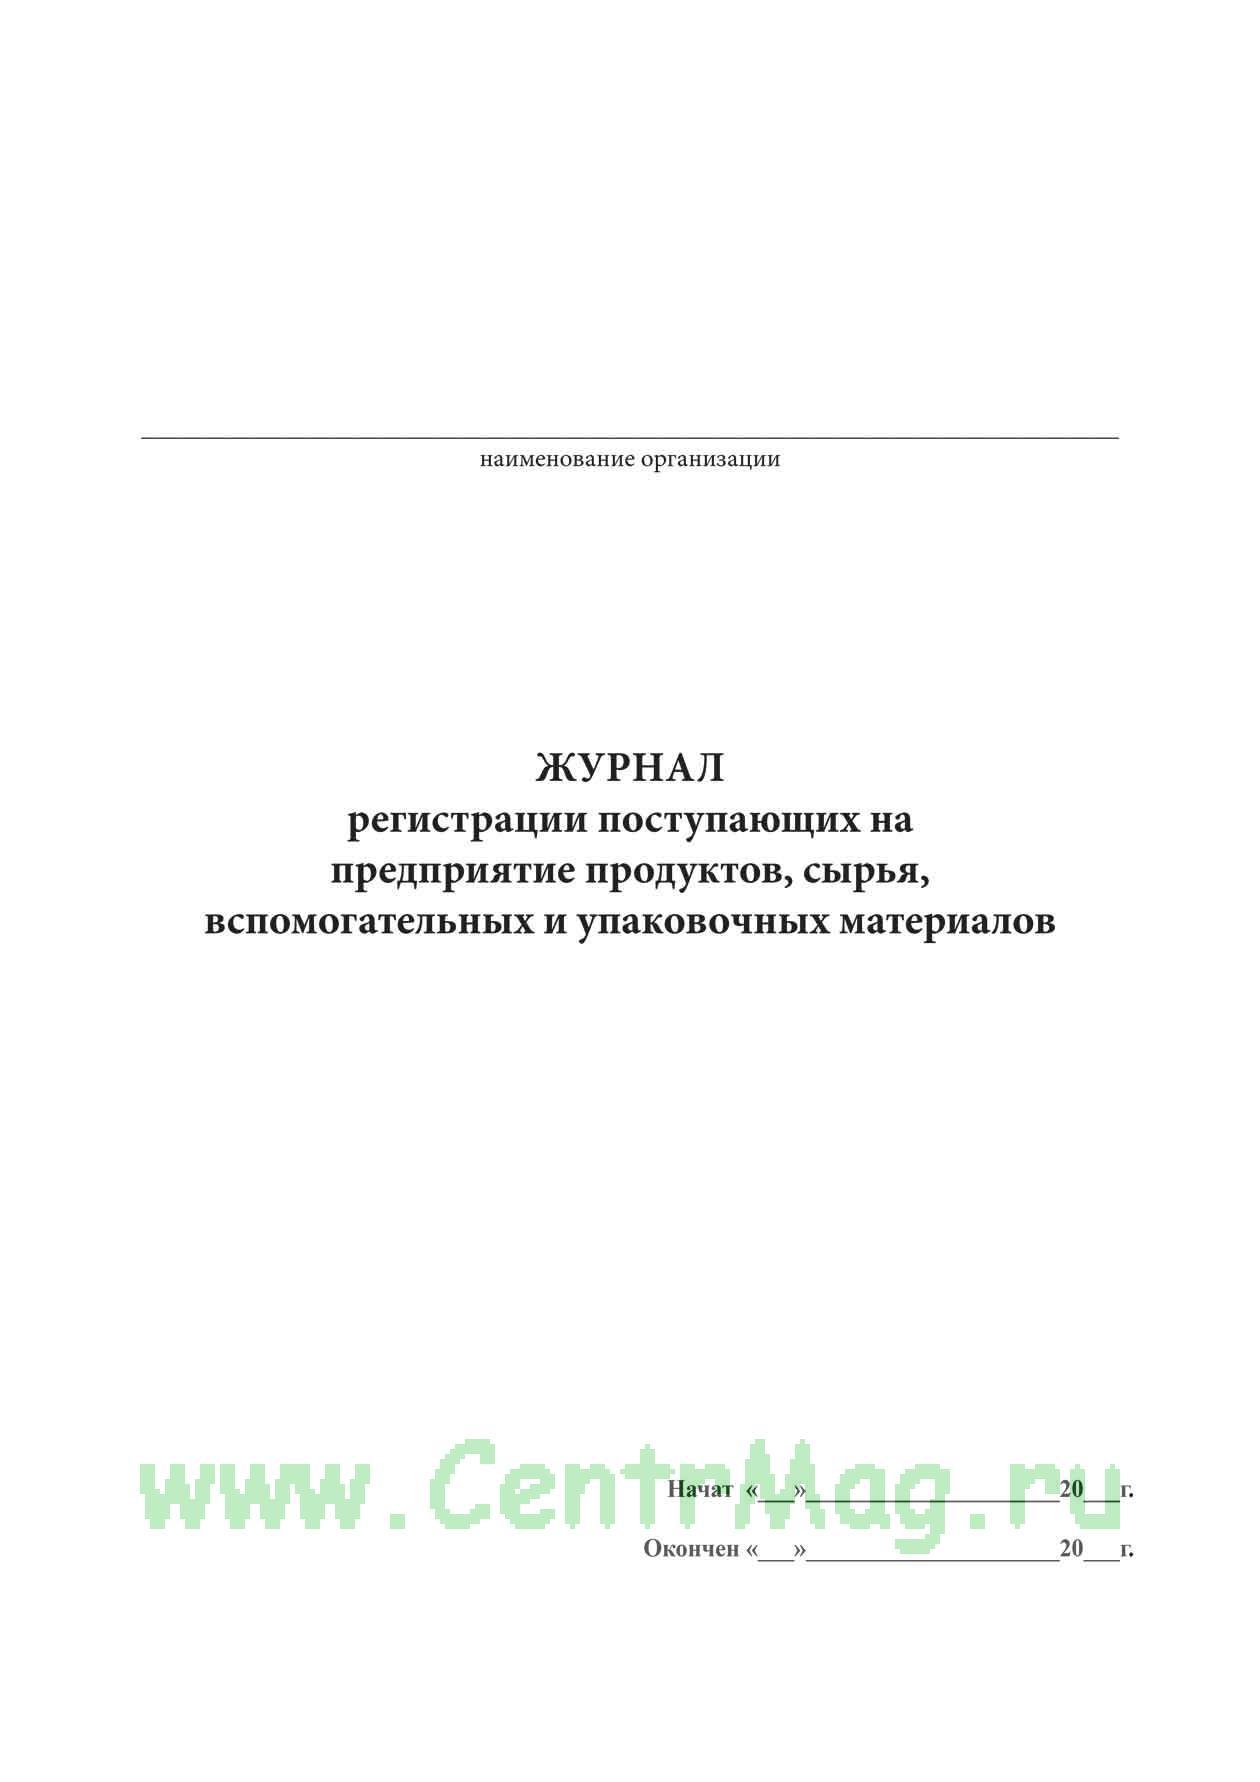 Журнал регистрации поступающих на предприятие продуктов, сырья, вспомогательных и упаковочных материалов